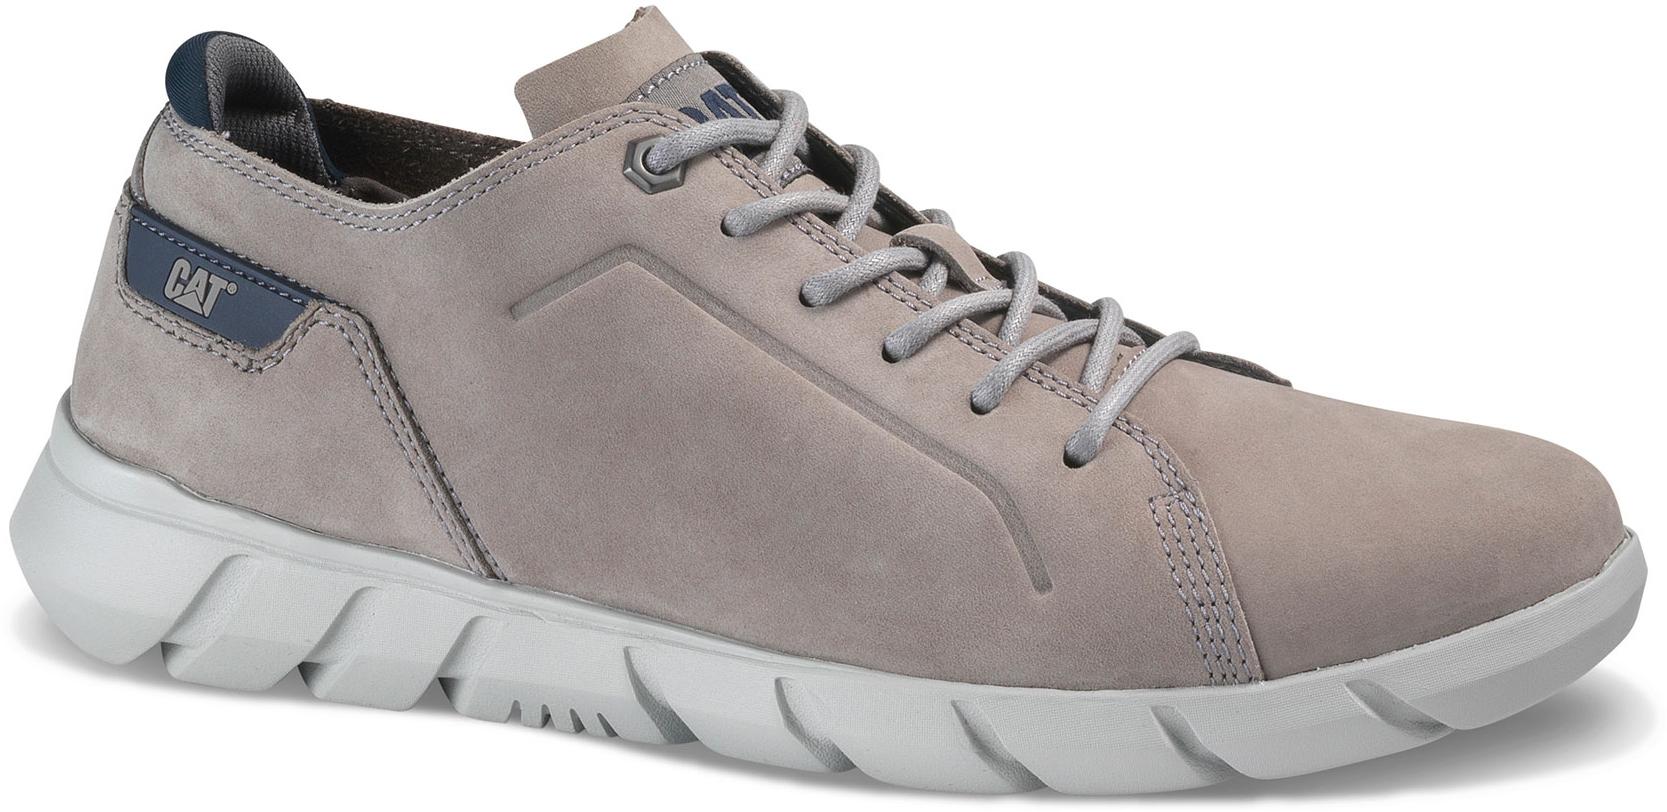 f2e9c2f7ccb6a Męskie buty miejskie Caterpillar Rexes szare - Mężczyzni - Sklep ...